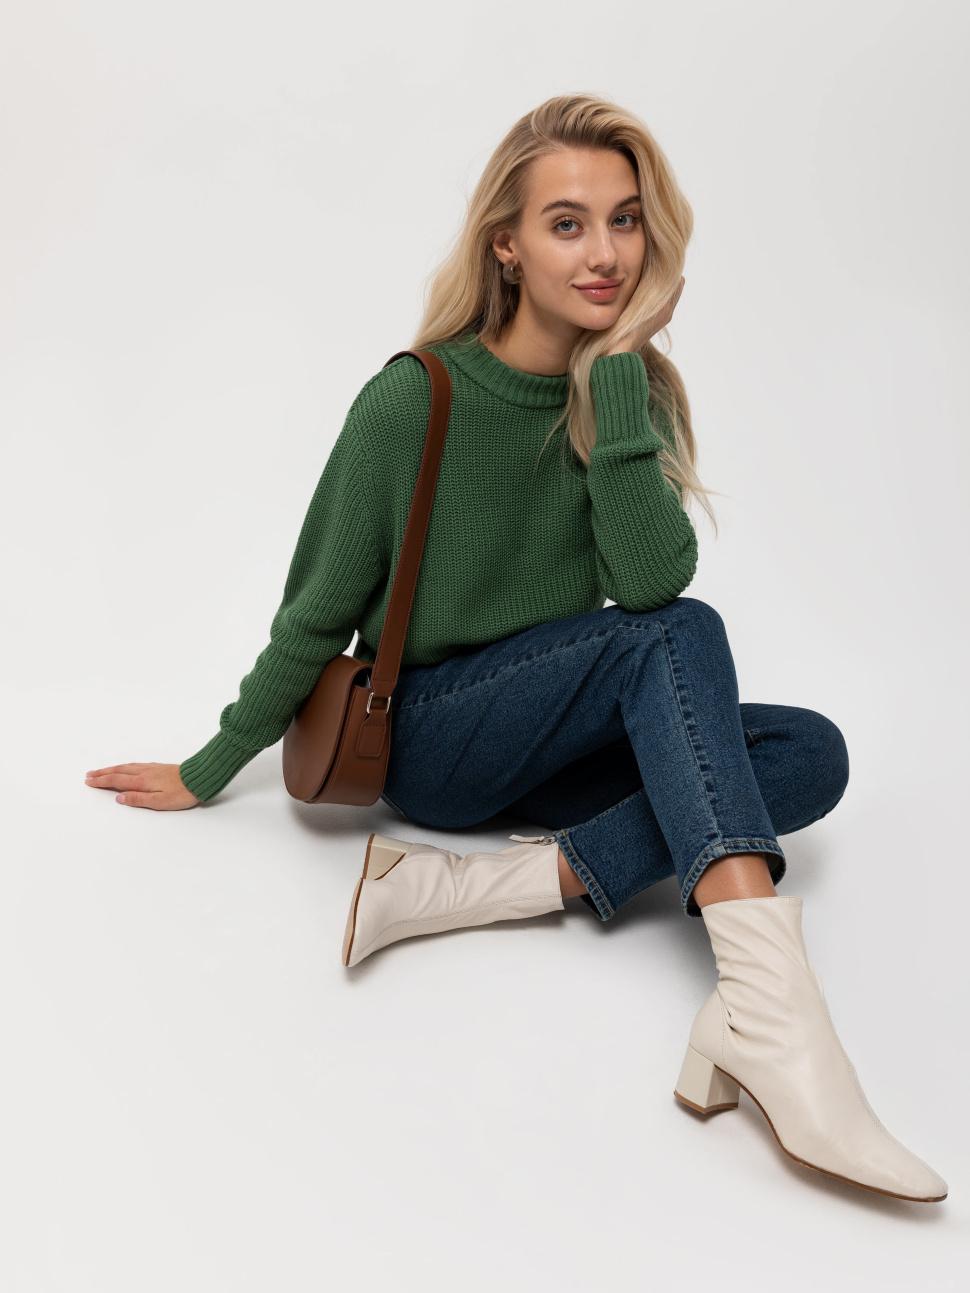 Джемпер женский цвет: зеленый, артикул: 0809010606 - купить в интернет-магазине sela